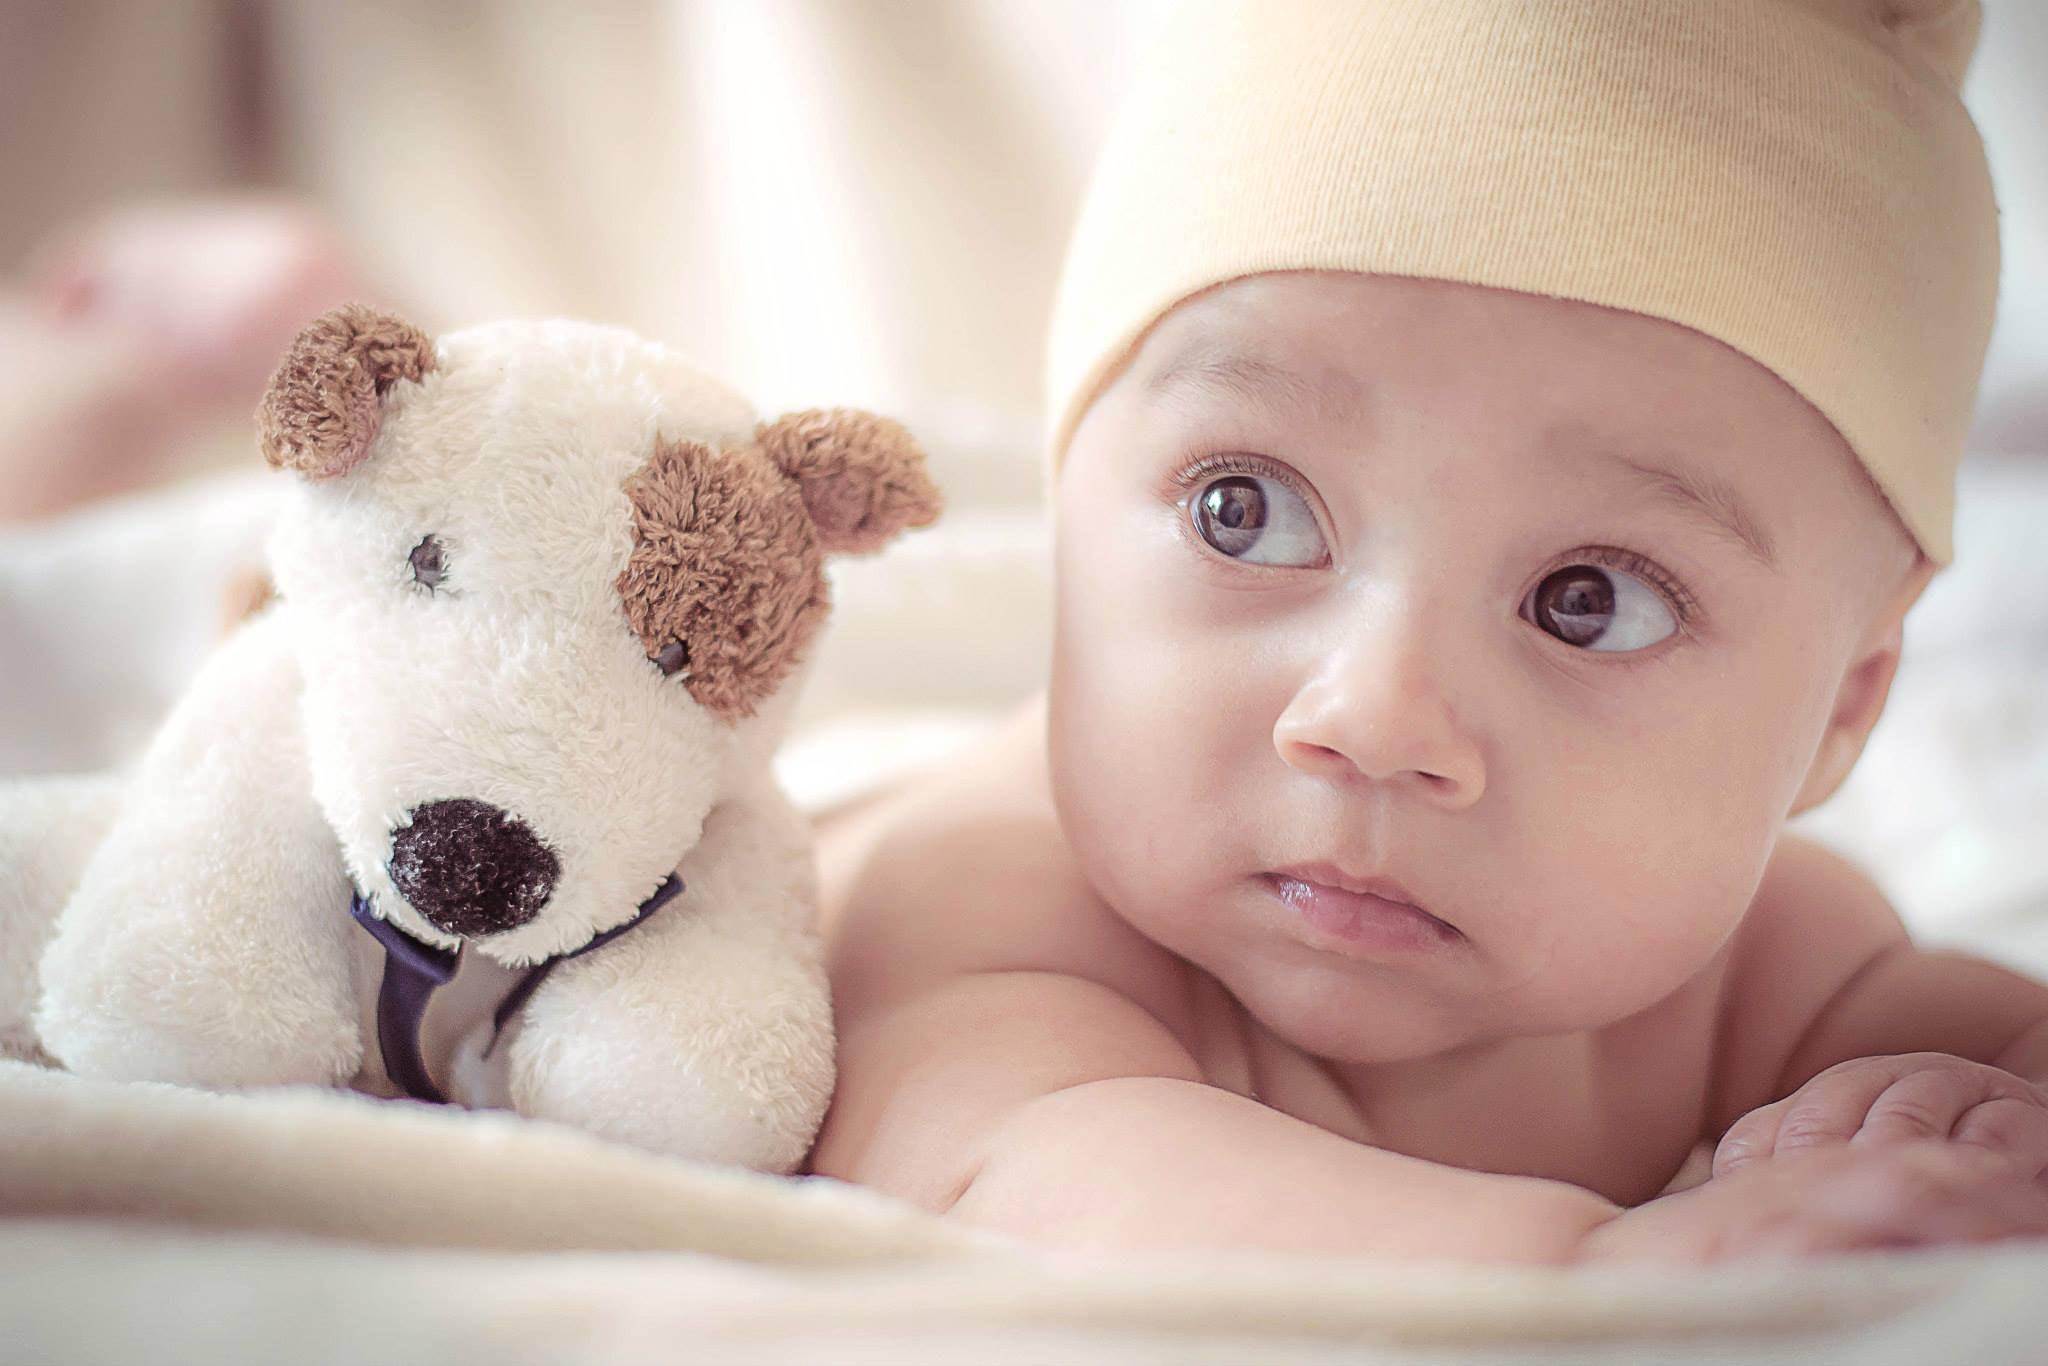 Infant-CPR-Austin-TX